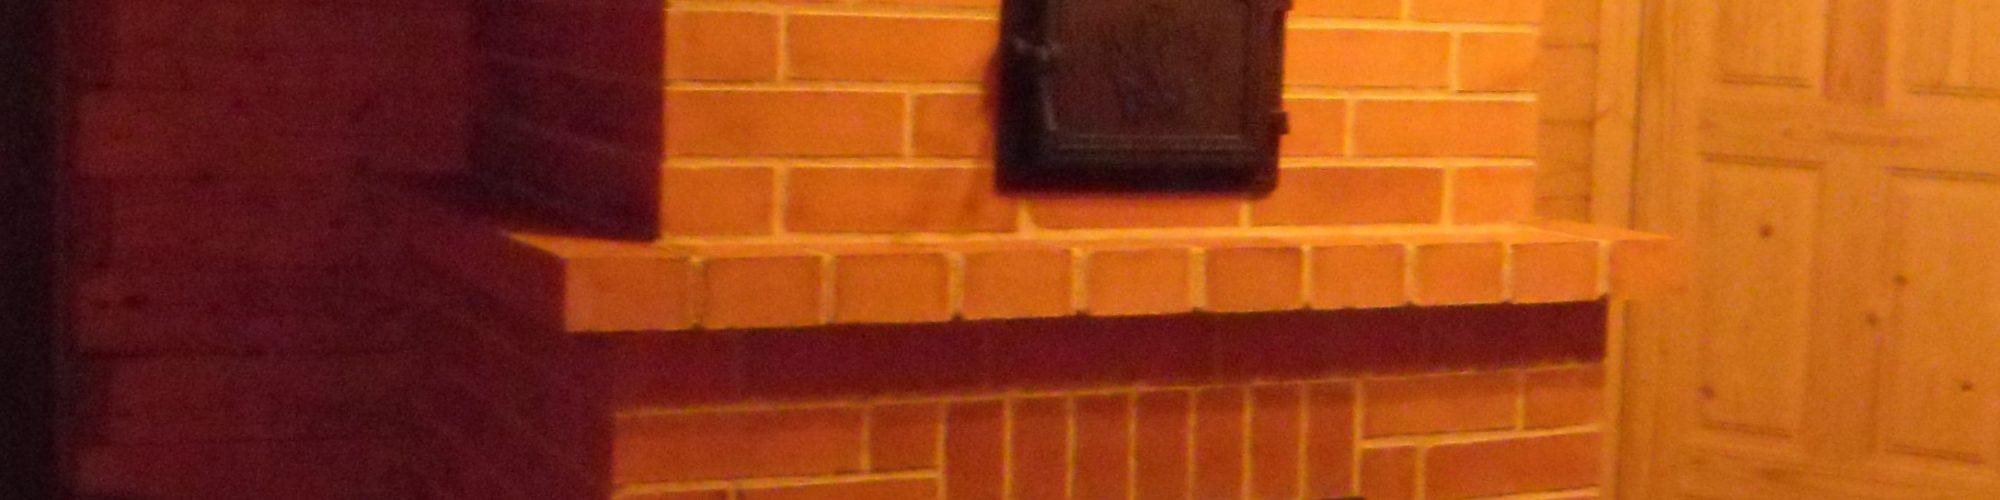 Отопительный камин с хлебной камерой.